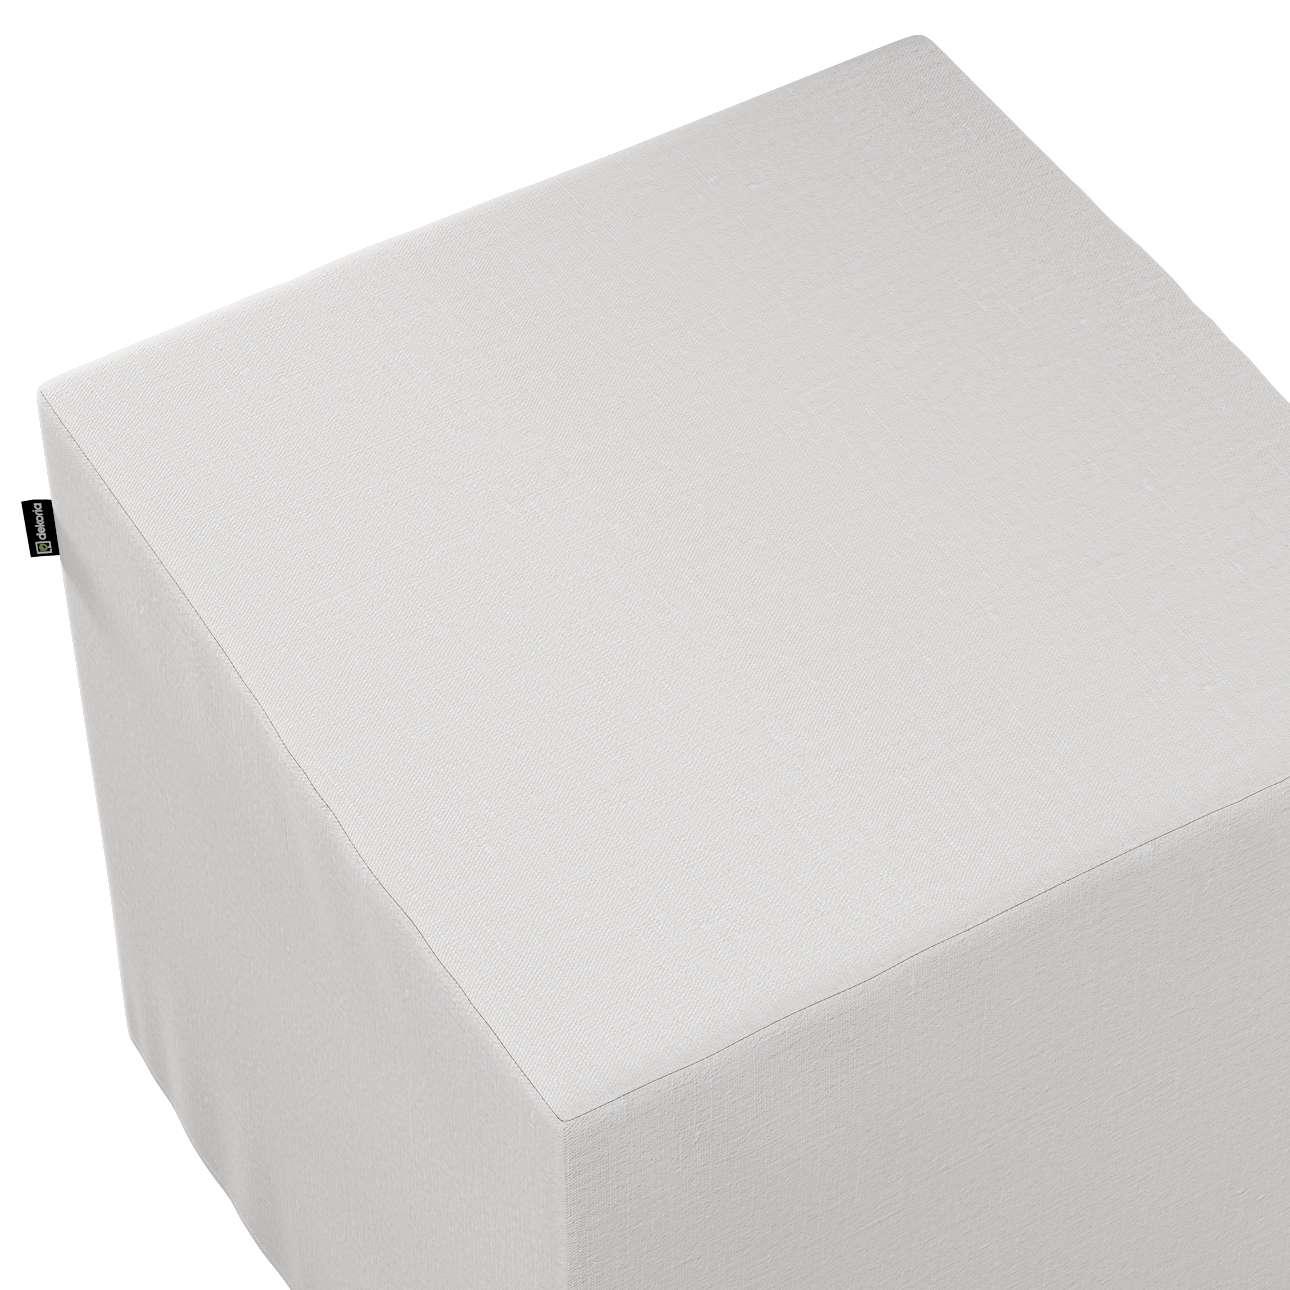 Sitzwürfel von der Kollektion Leinen, Stoff: 392-04